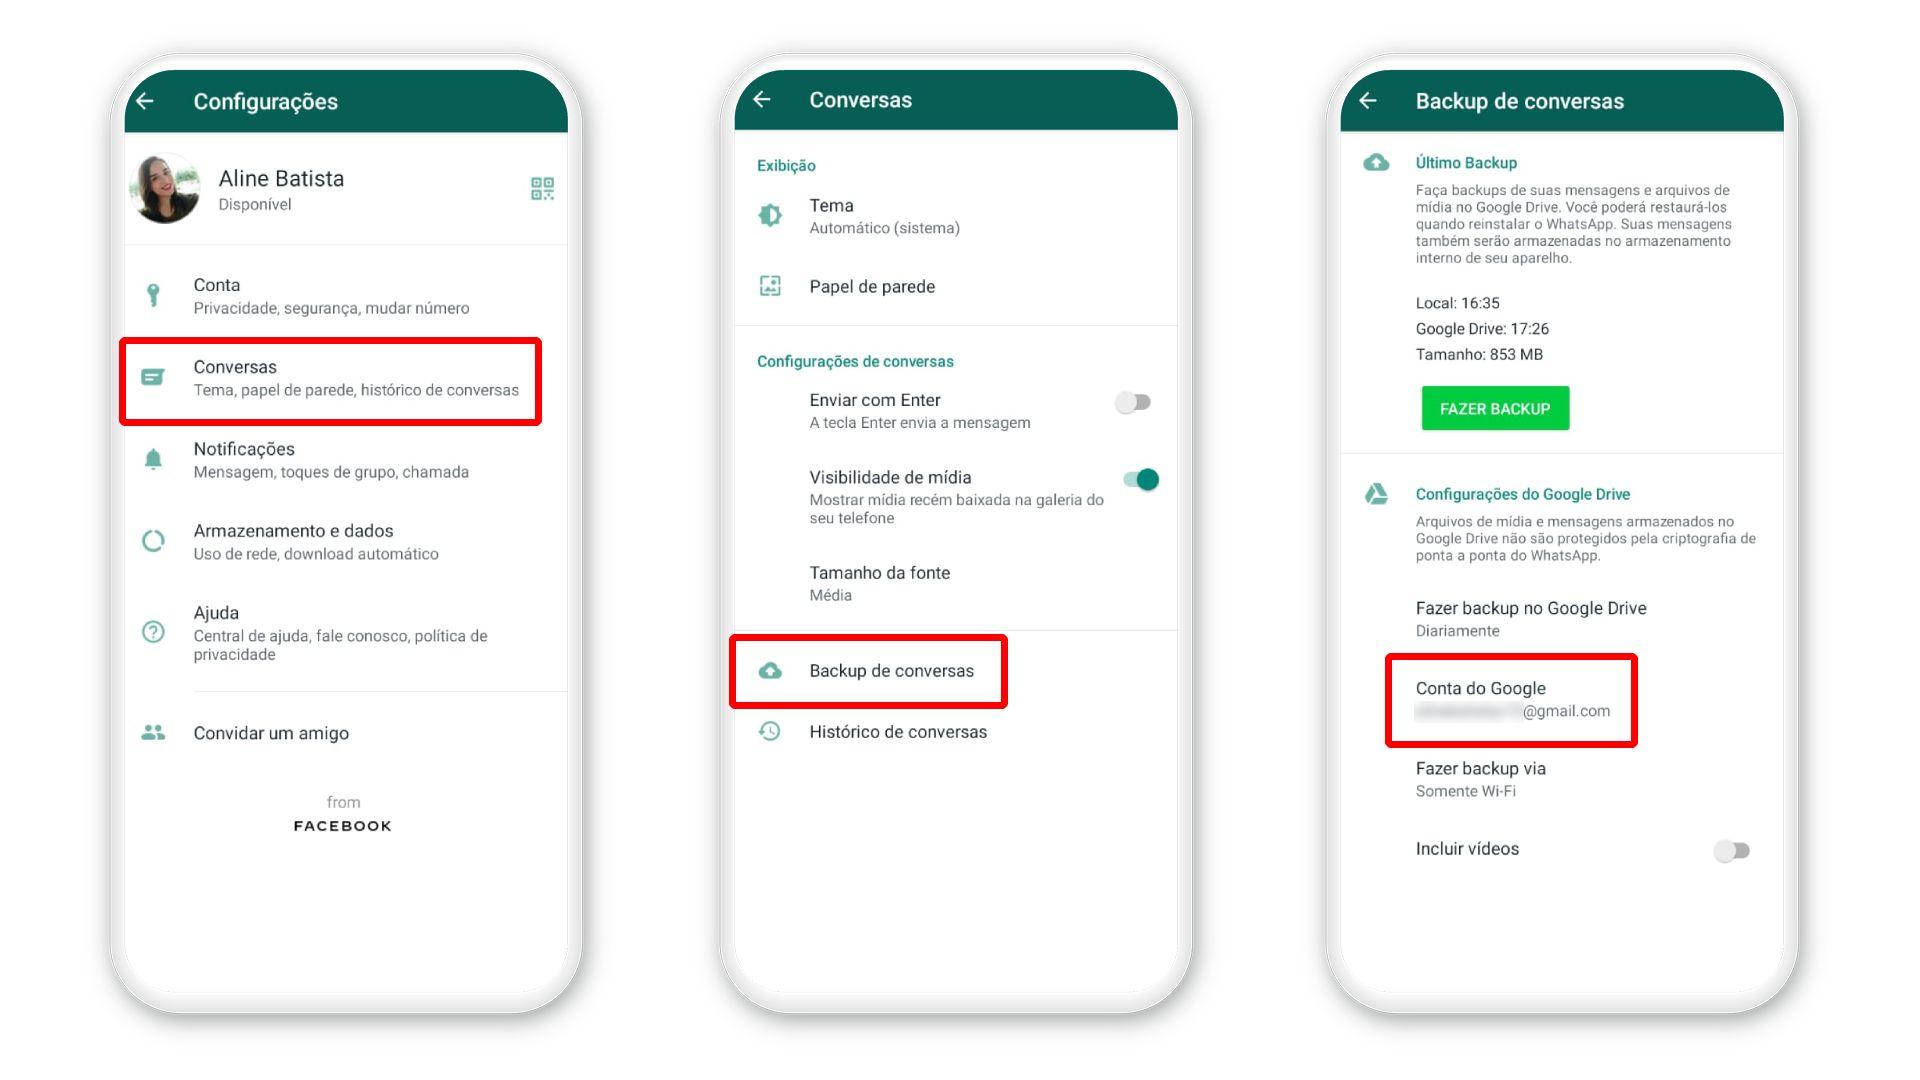 Como recuperar mensagens apagadas do WhatsApp: é possível fazer backup depois de trocar de número (Foto: Reprodução/Zoom)